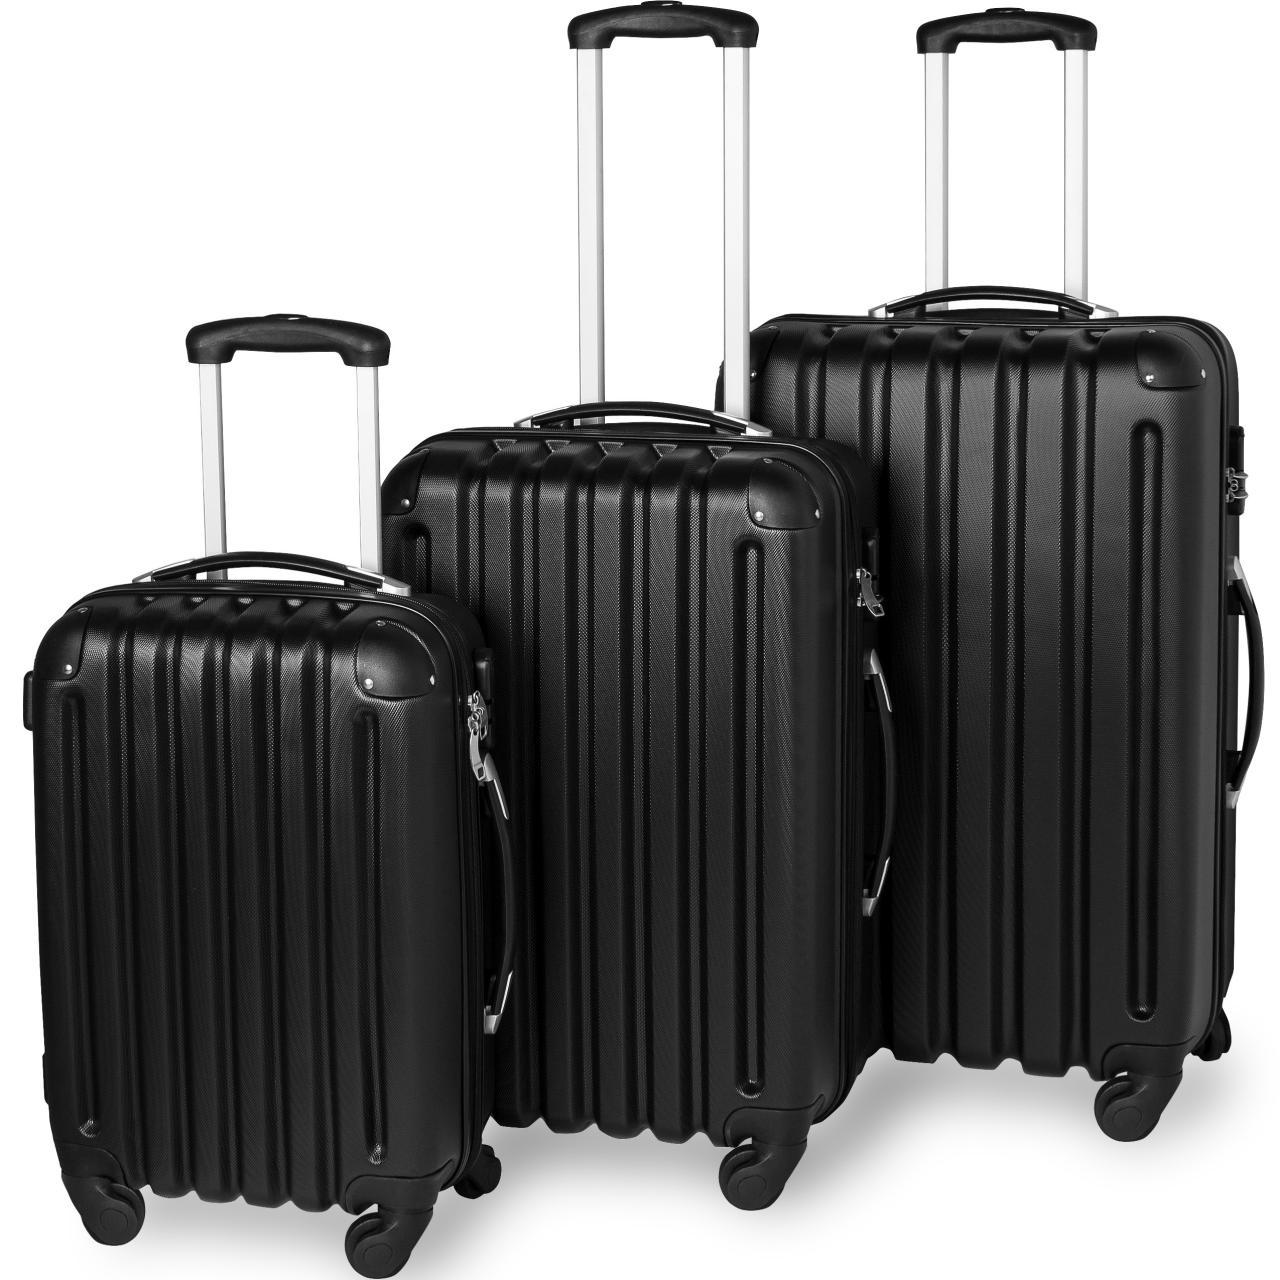 3tlg-Reisekoffer-Set-Trolley-Hartschale-Hartschalenkoffer-Reisekofferset-L-M-S